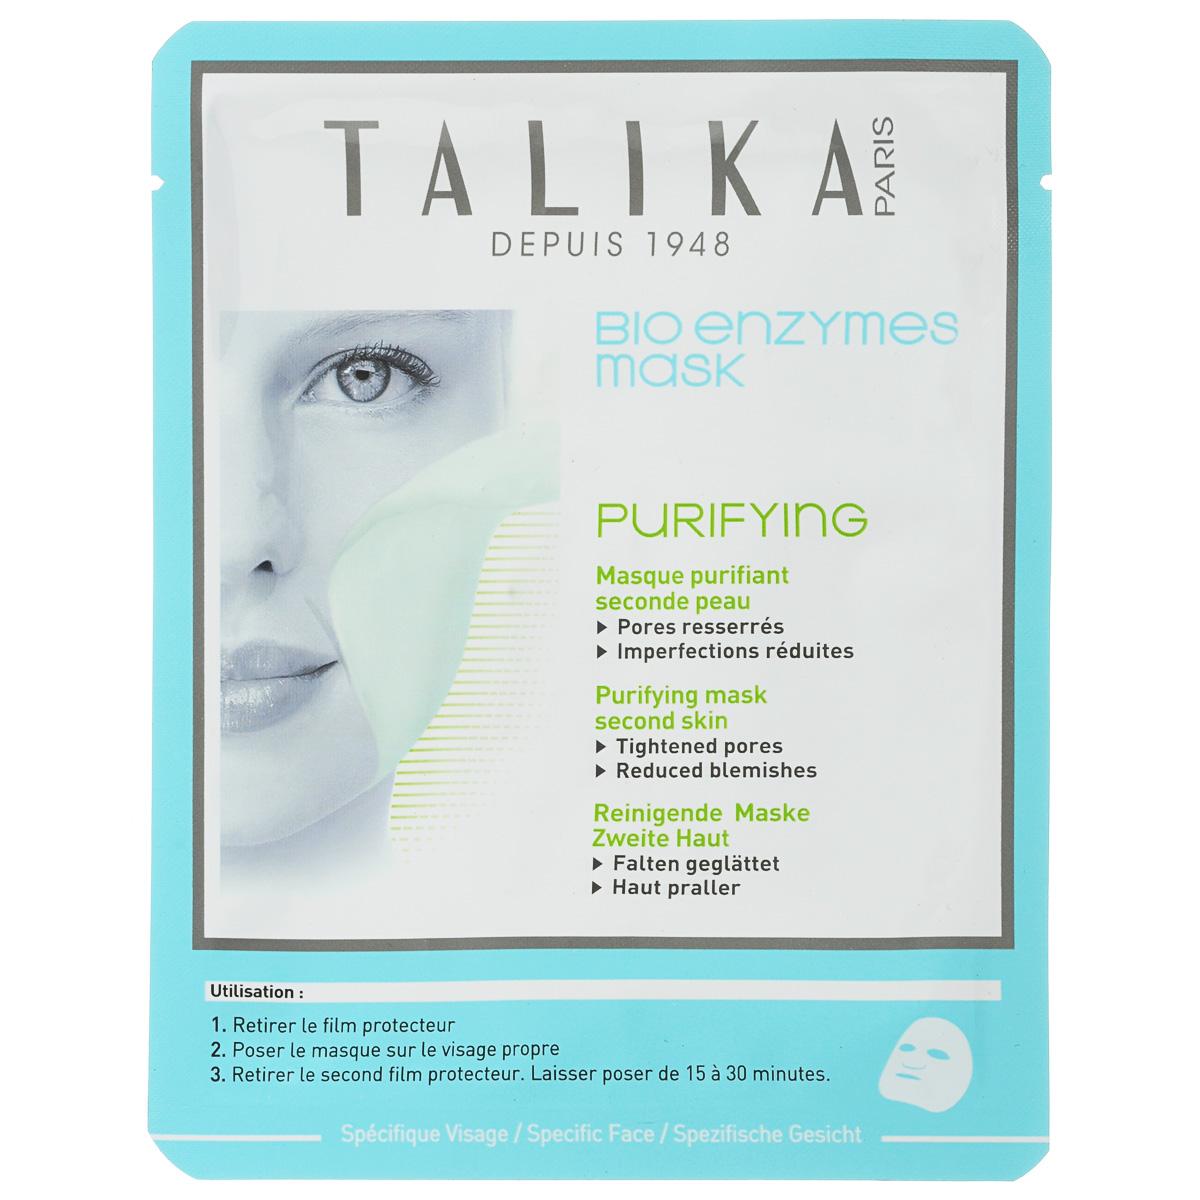 Talika Маска для лица Bio Enzymes, очищающая, 20 г709438Очищающая маска для лица Bio Enzymes. Экстракт корицы и арника горная придают матовость коже, успокаивают, сужают поры. Орех органовый смягчает и защищает кожу благодаря витамину E.